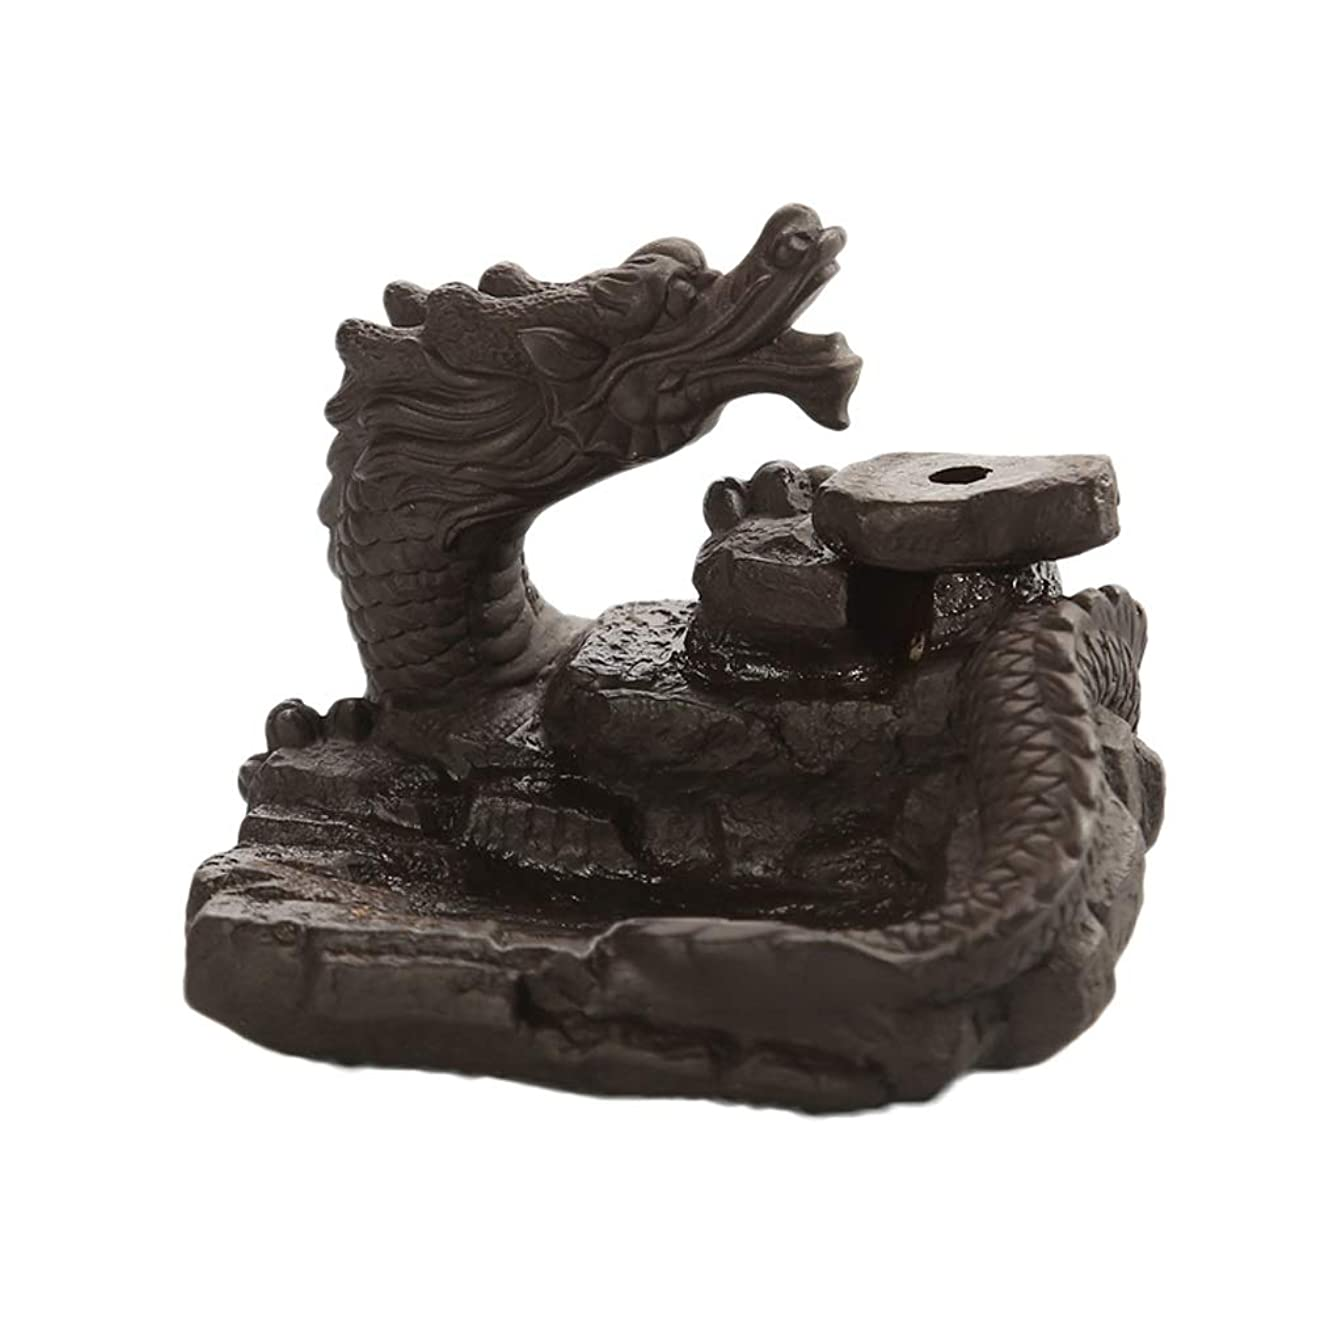 さようなら水を飲む対象家の装飾ドラゴン逆流還流香バーナーセラミックスティックホルダーコーンセンサー茶室飾り香炉 芳香器?アロマバーナー (Color : Black, サイズ : 3.46*3.14*2.36 inches)